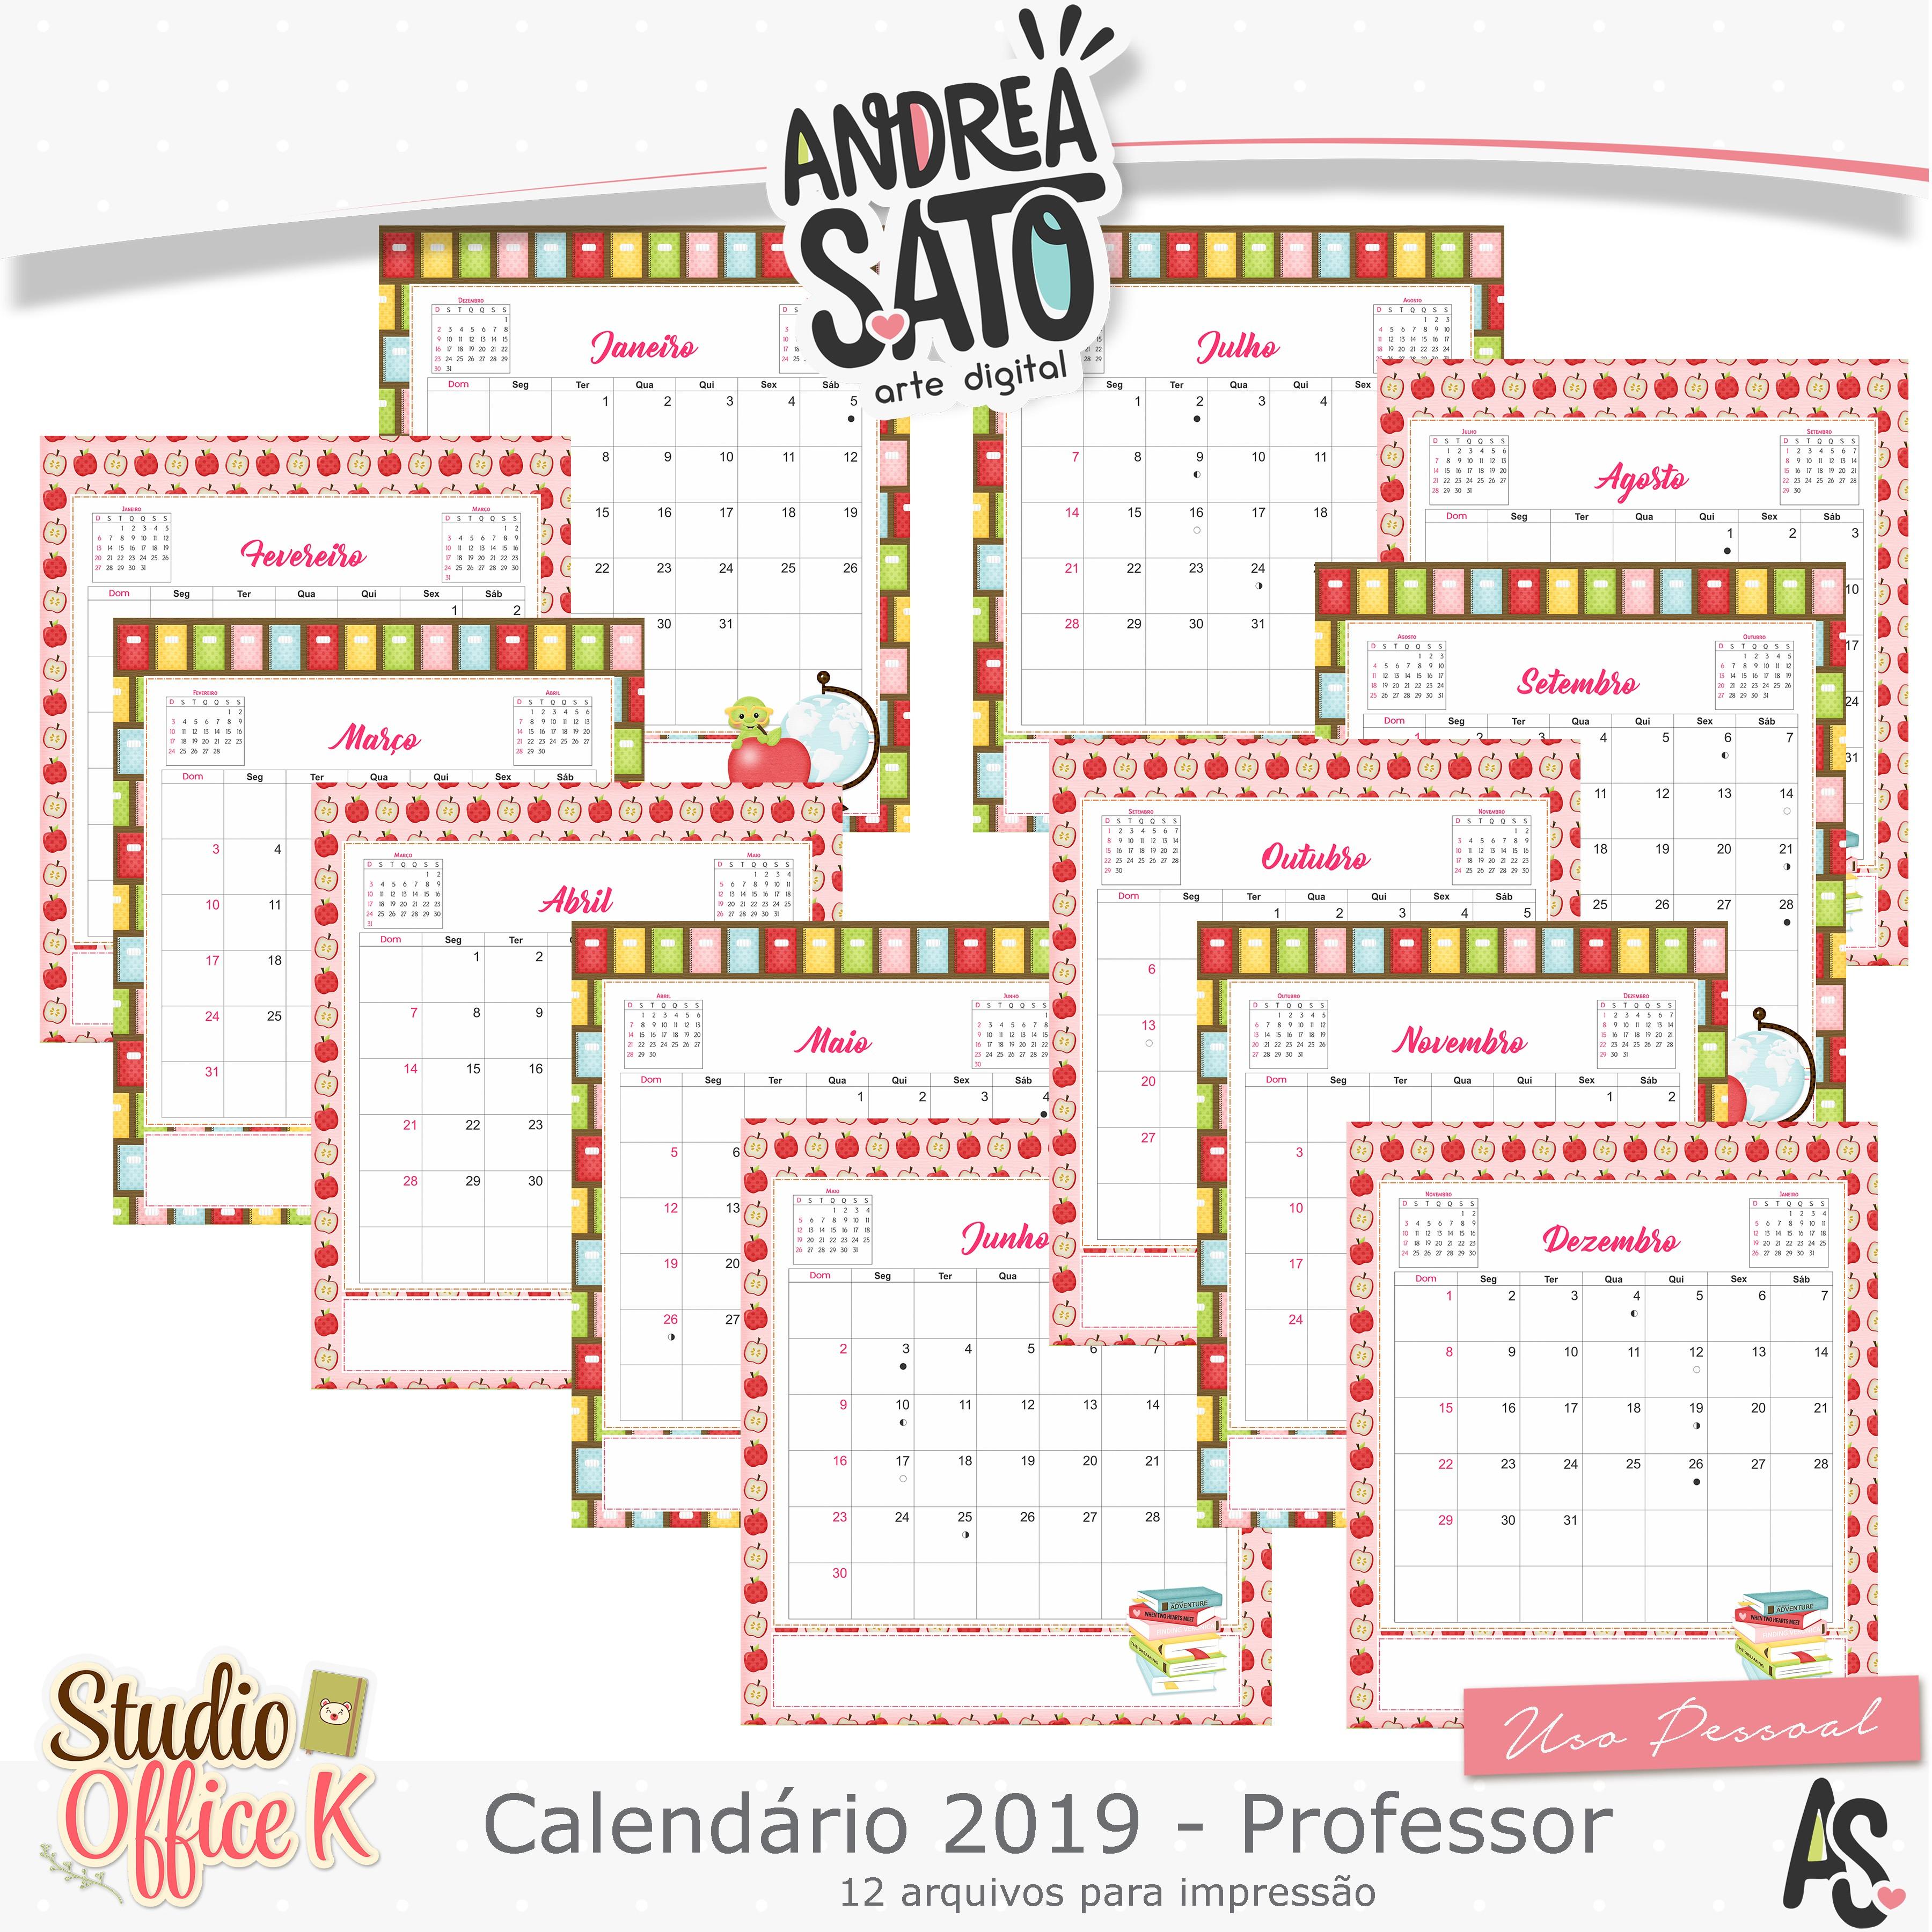 Calendario 2020 Setembro Actual Coloca§µes Professores 2019 – Quotes Of the Day Of Calendario 2020 Setembro Mejores Y Más Novedosos 570 Best Design Calendars & Co Images In 2019